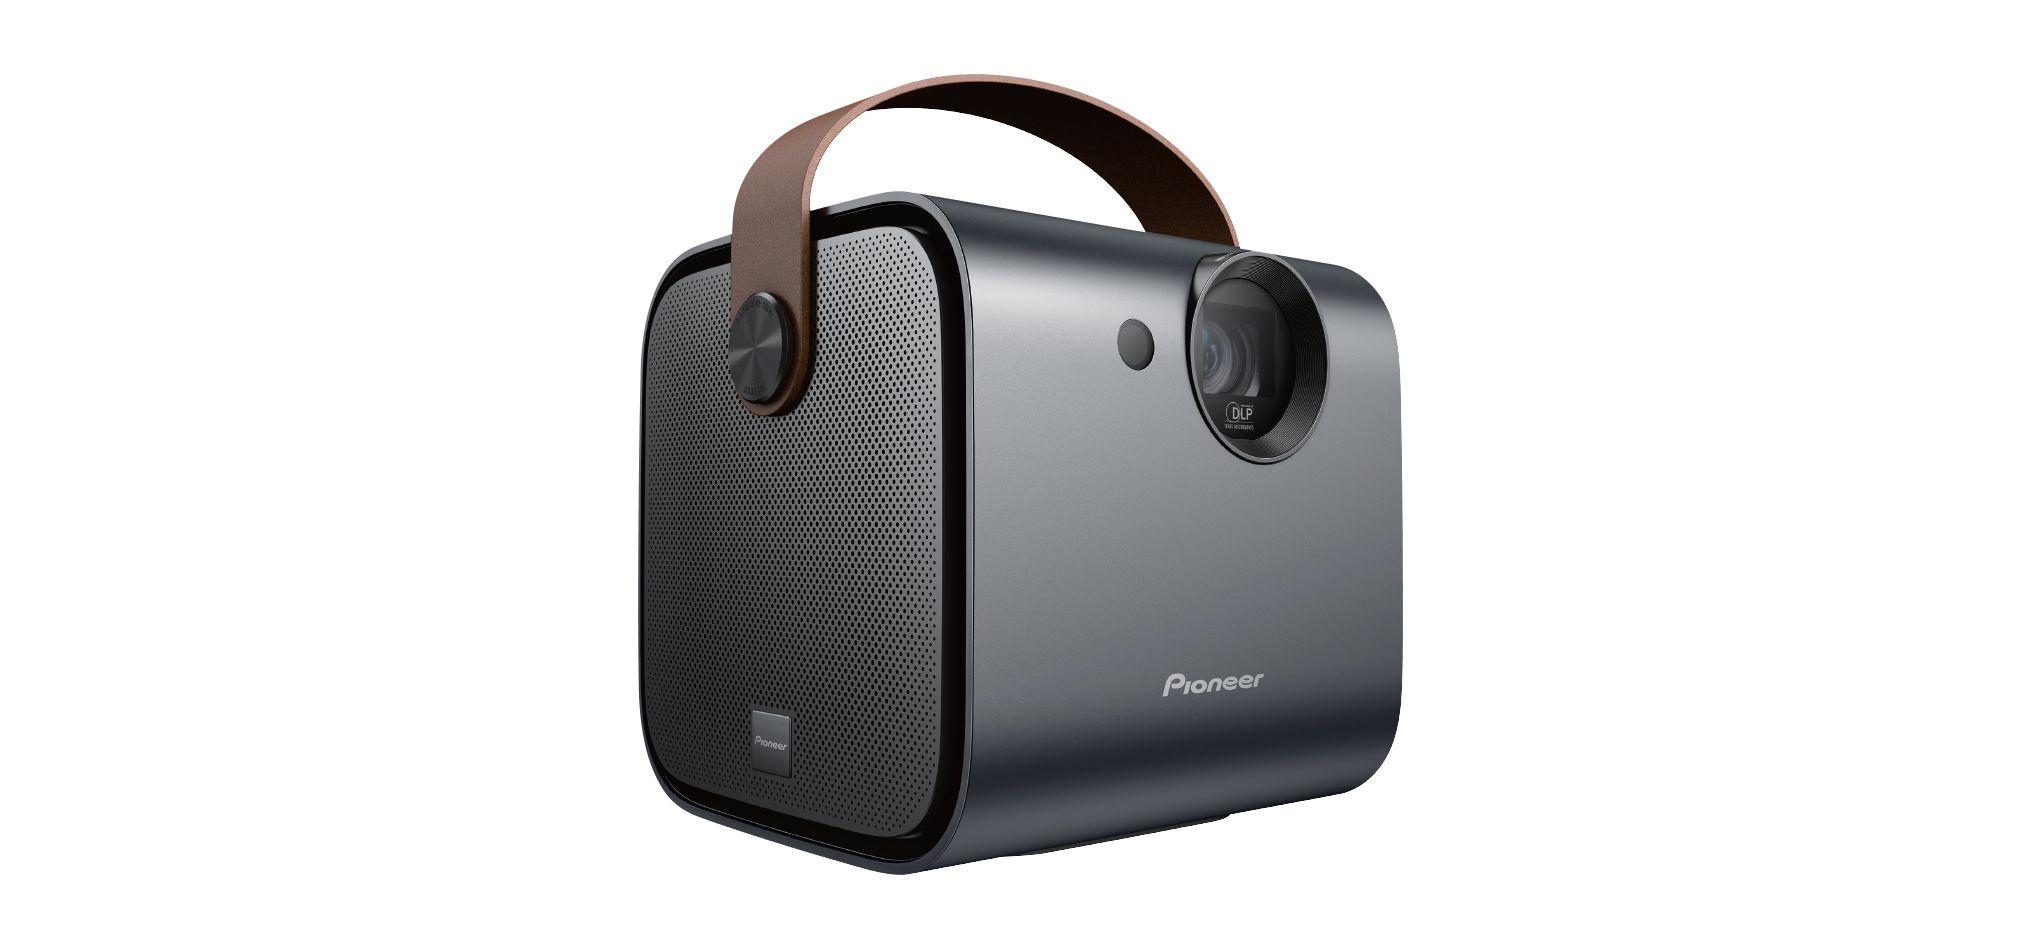 Kompaktní projektor Pioneer SDA RP100 nabídne kompaktní provedení a vlastní baterii